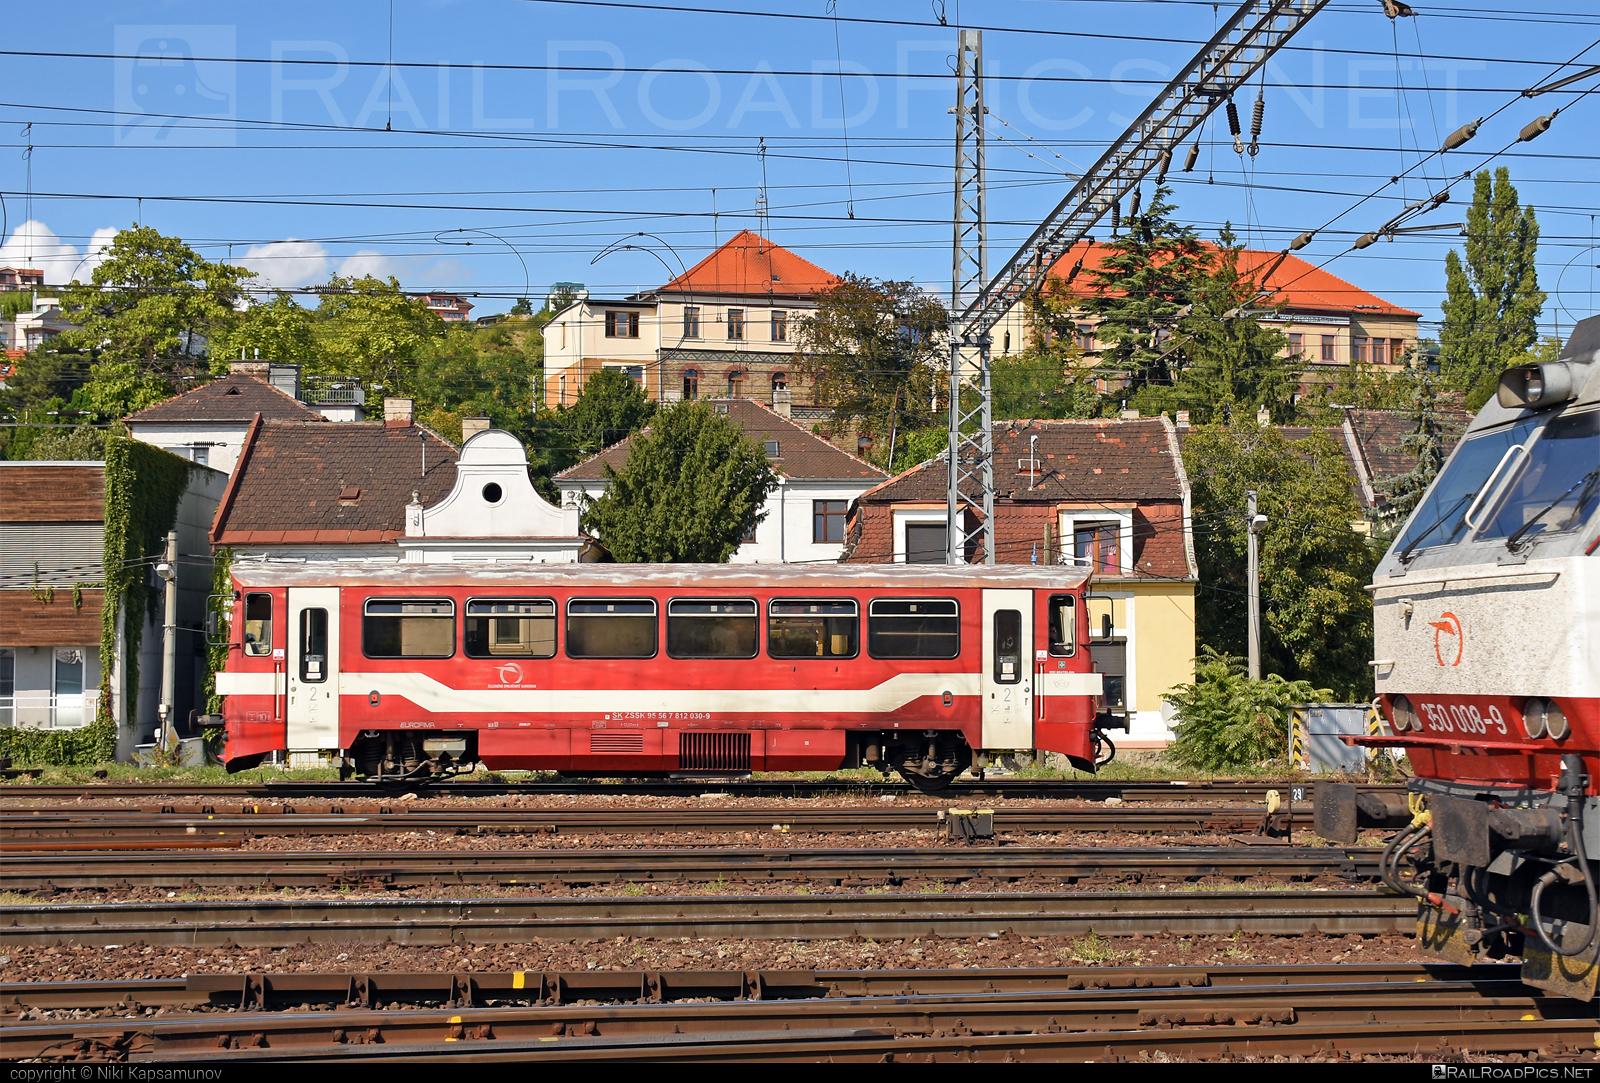 ŽOS Zvolen Class 812 - 812 030-9 operated by Železničná Spoločnost' Slovensko, a.s. #ZeleznicnaSpolocnostSlovensko #zoszvolen #zoszvolen812 #zssk